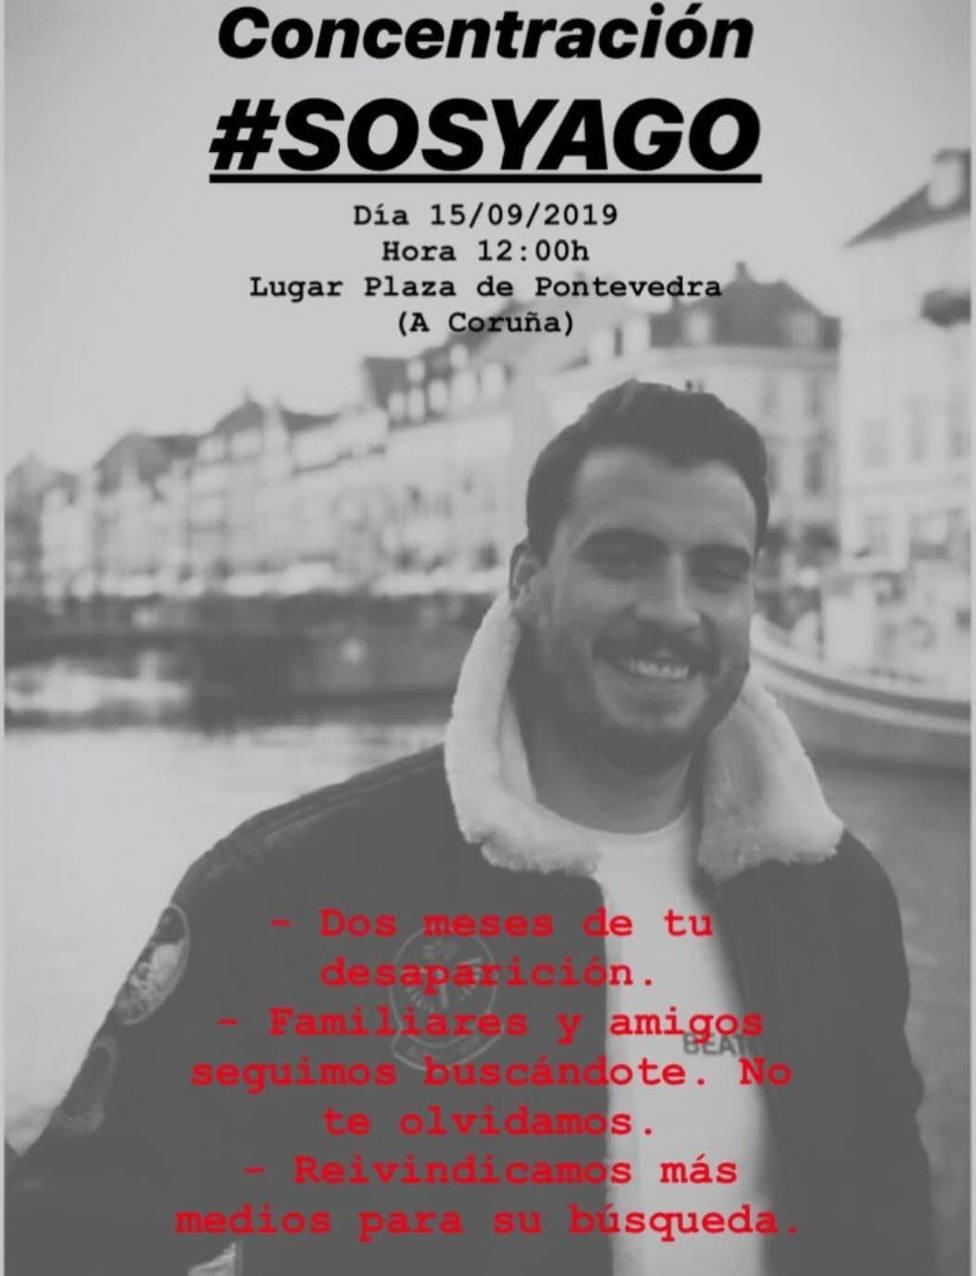 Cartel de la concentración #SOSYago